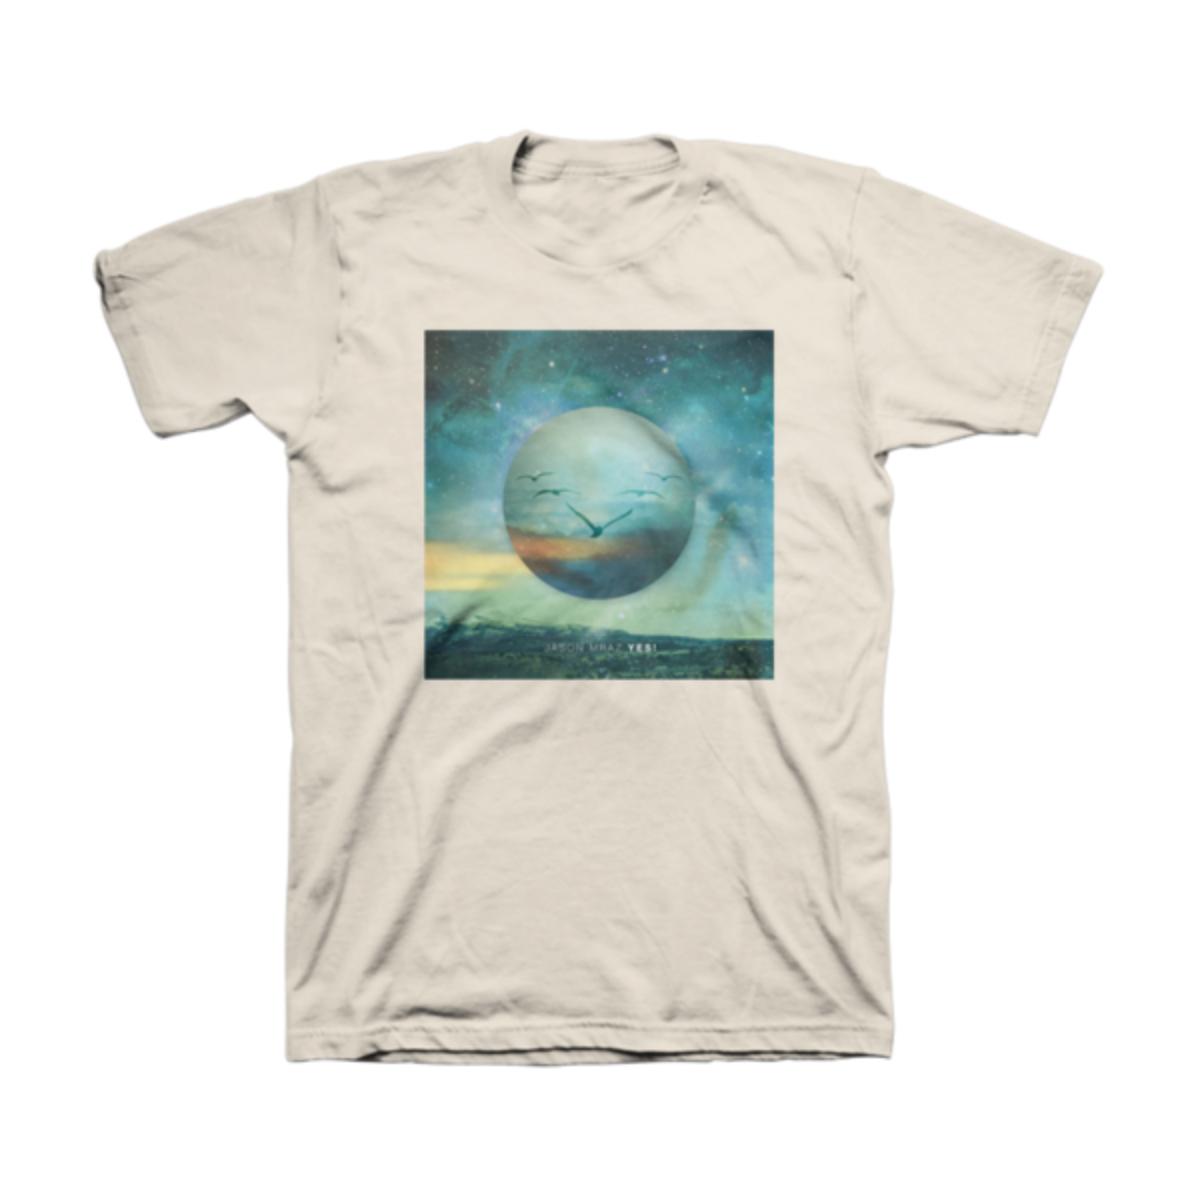 Jason Mraz Yes! Album Cover T-shirt